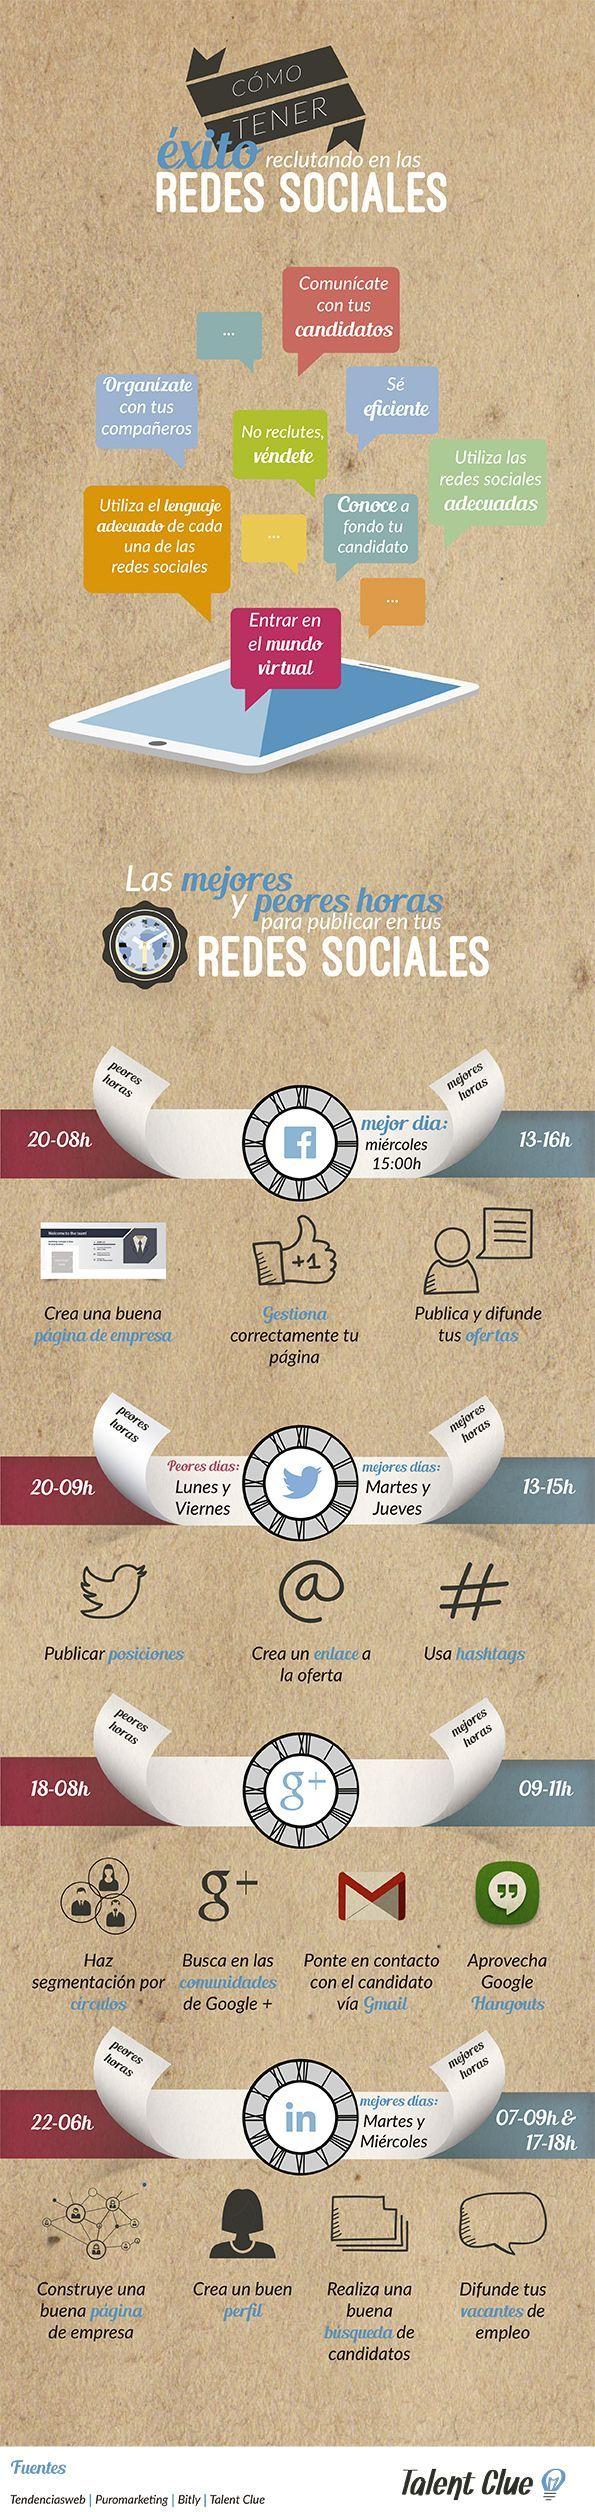 Cómo Tener Éxito Reclutando en las Redes Sociales #infografia #socialmedia #empleo